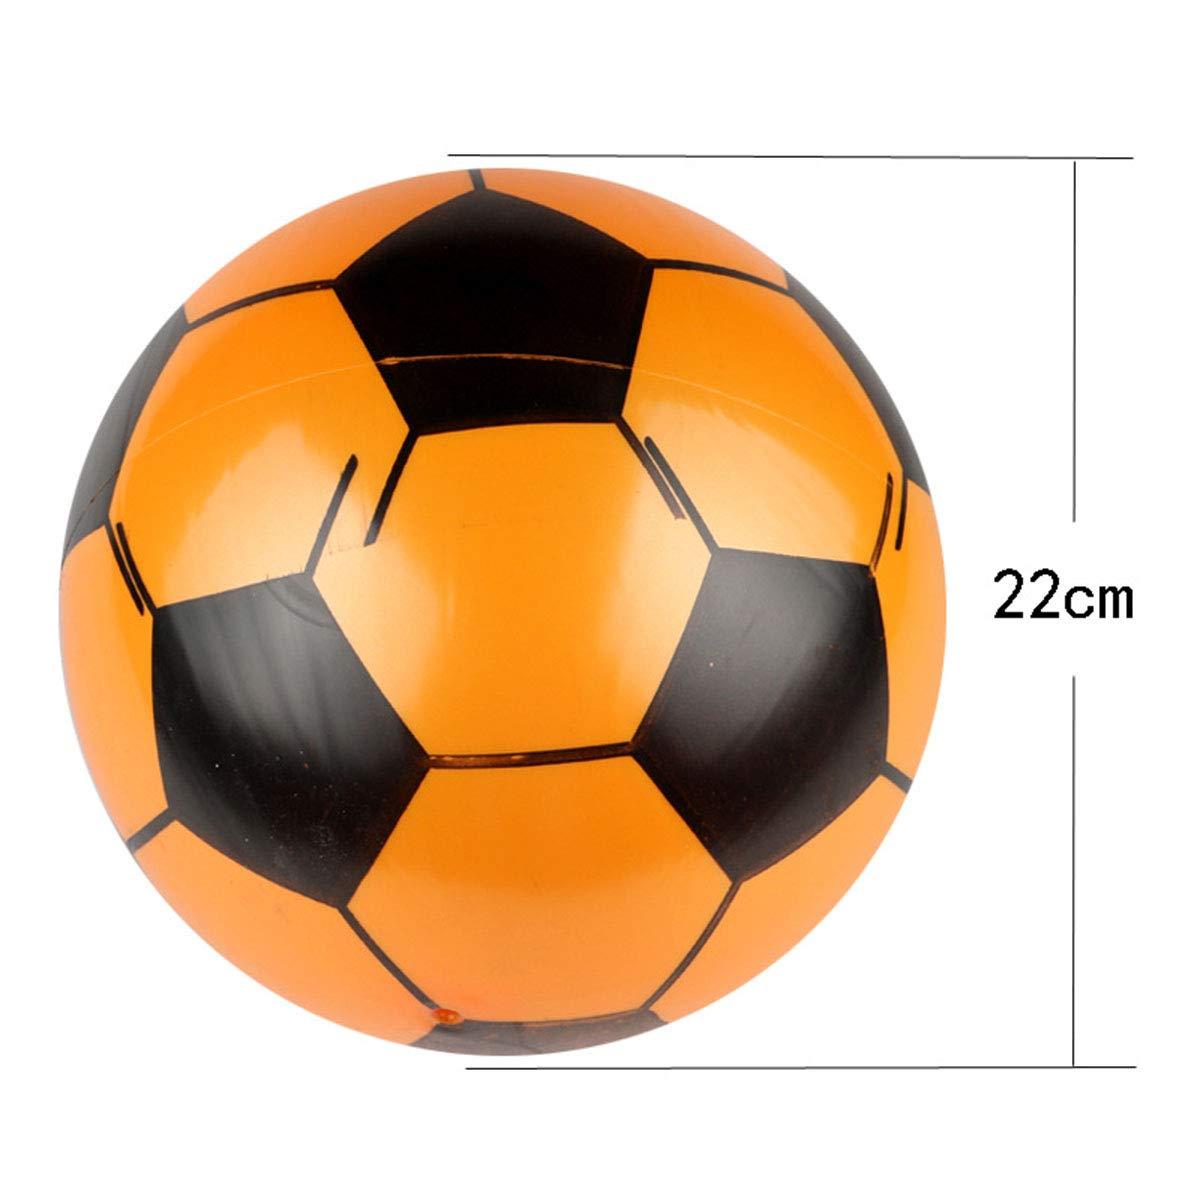 Amosfun 5 Pezzi gonfiabili palloni da Calcio per Bambini Giocattoli di Calcio bomboniere Forniture Decorazioni Set 9 Pollici Regalo di Compleanno di Natale per i Bambini Colore Casuale